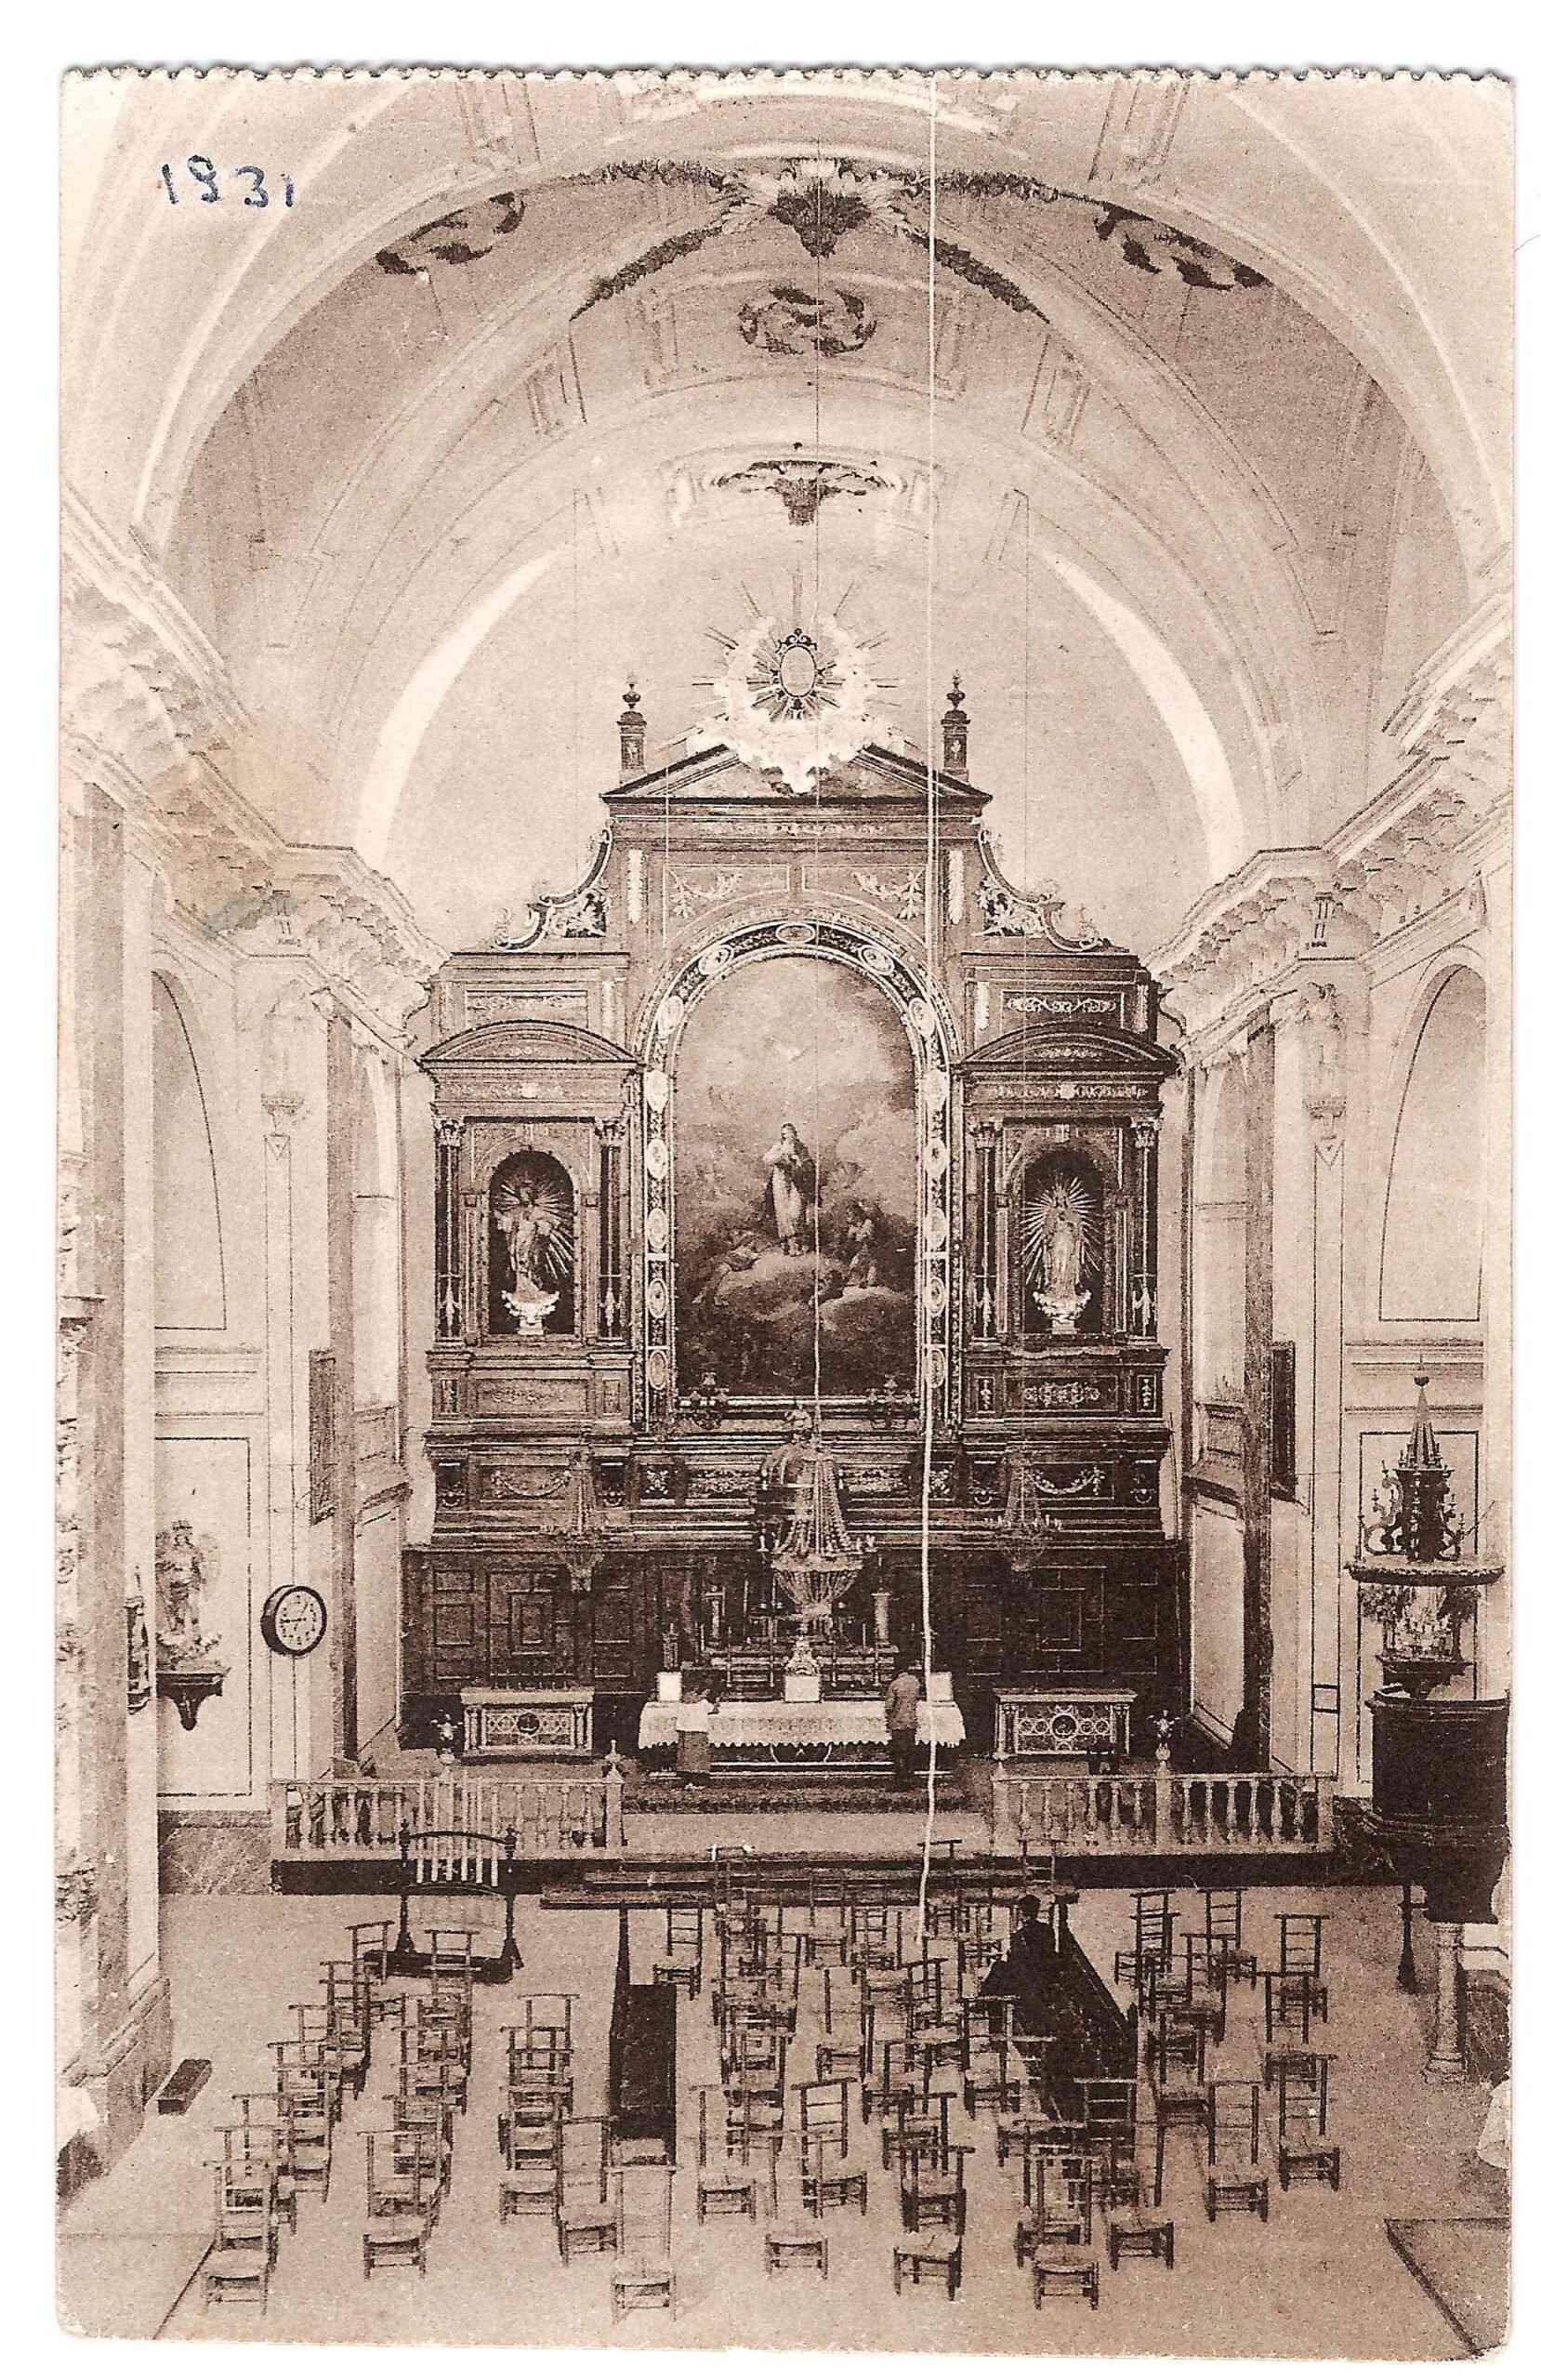 Conociendo Herencia: Retablo y lienzo de la Inmaculada Concepción 6